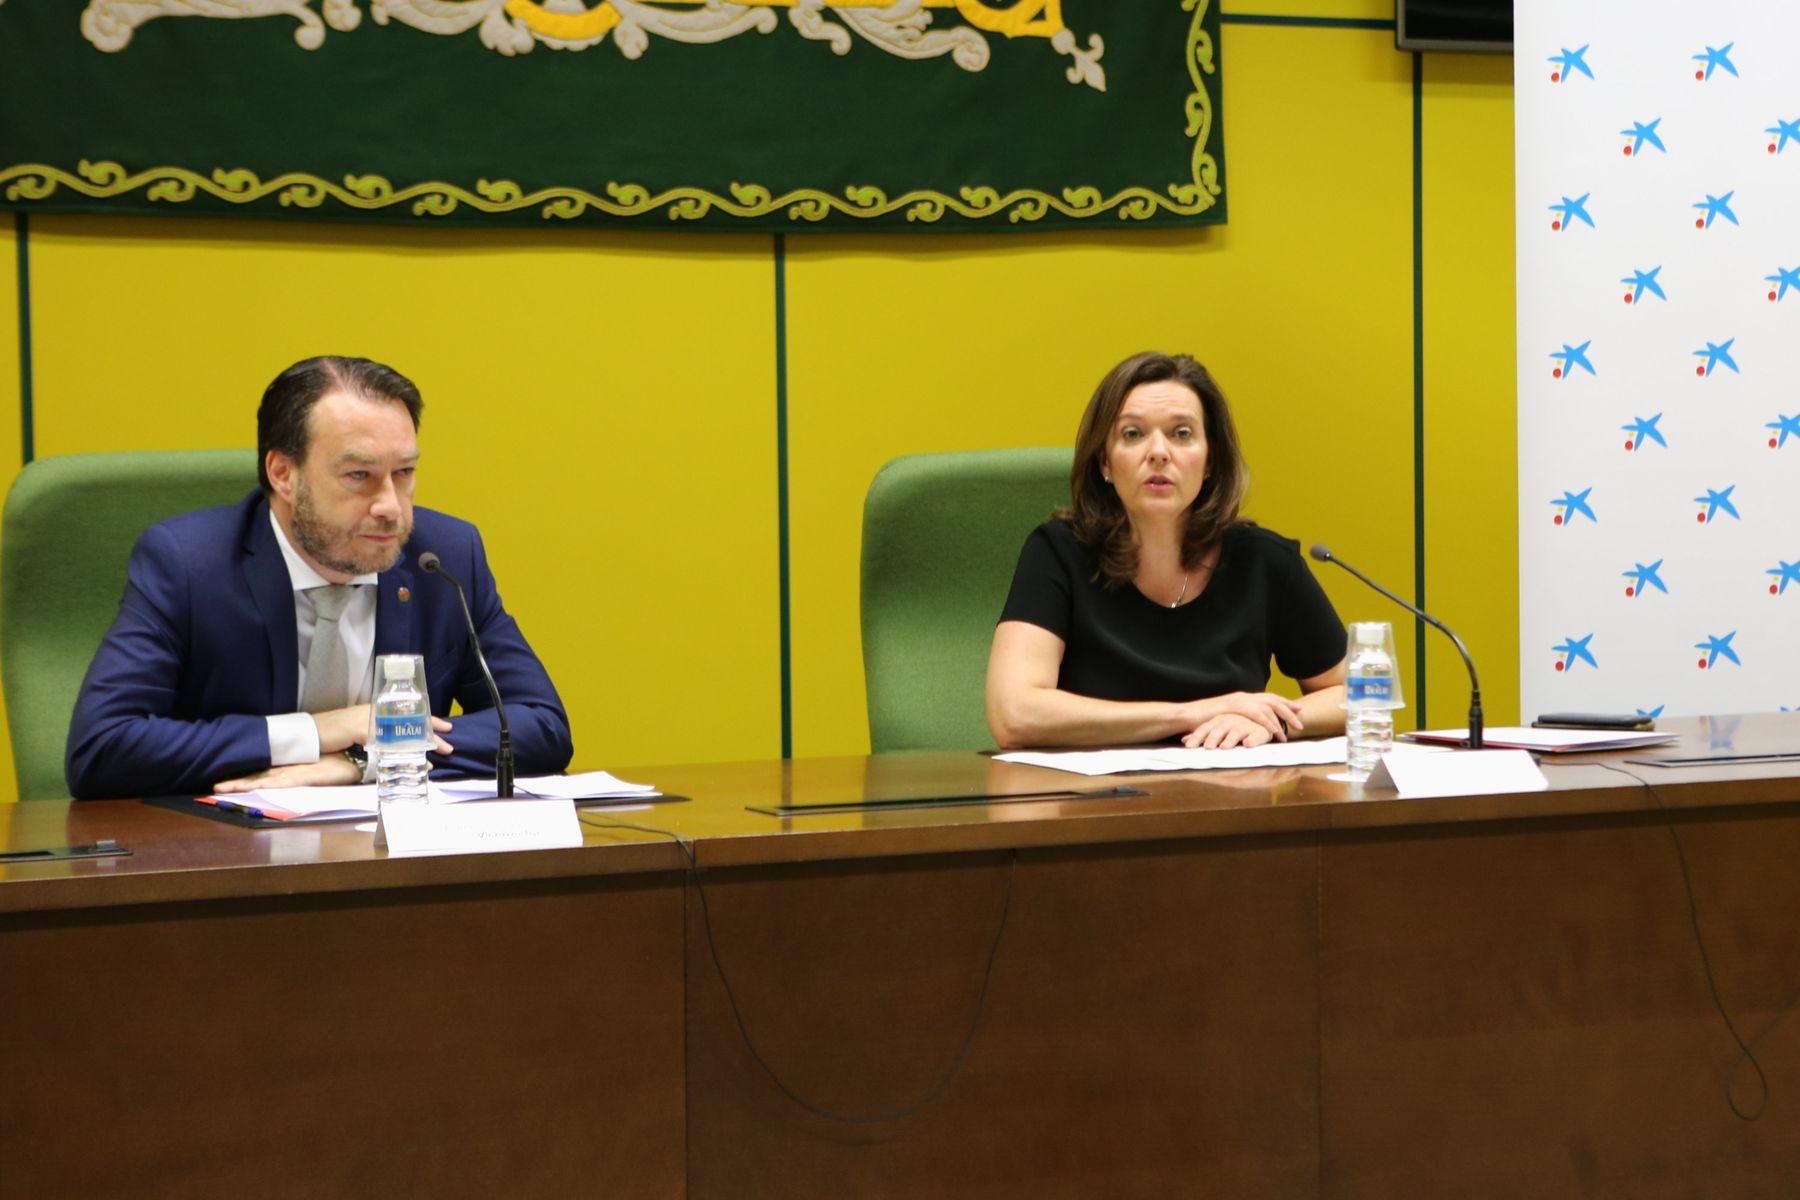 Ramón Gonzalo y Ana Díez Fontana durante la presentación del programa WONNOW celebrada esta mañana en la UPNA